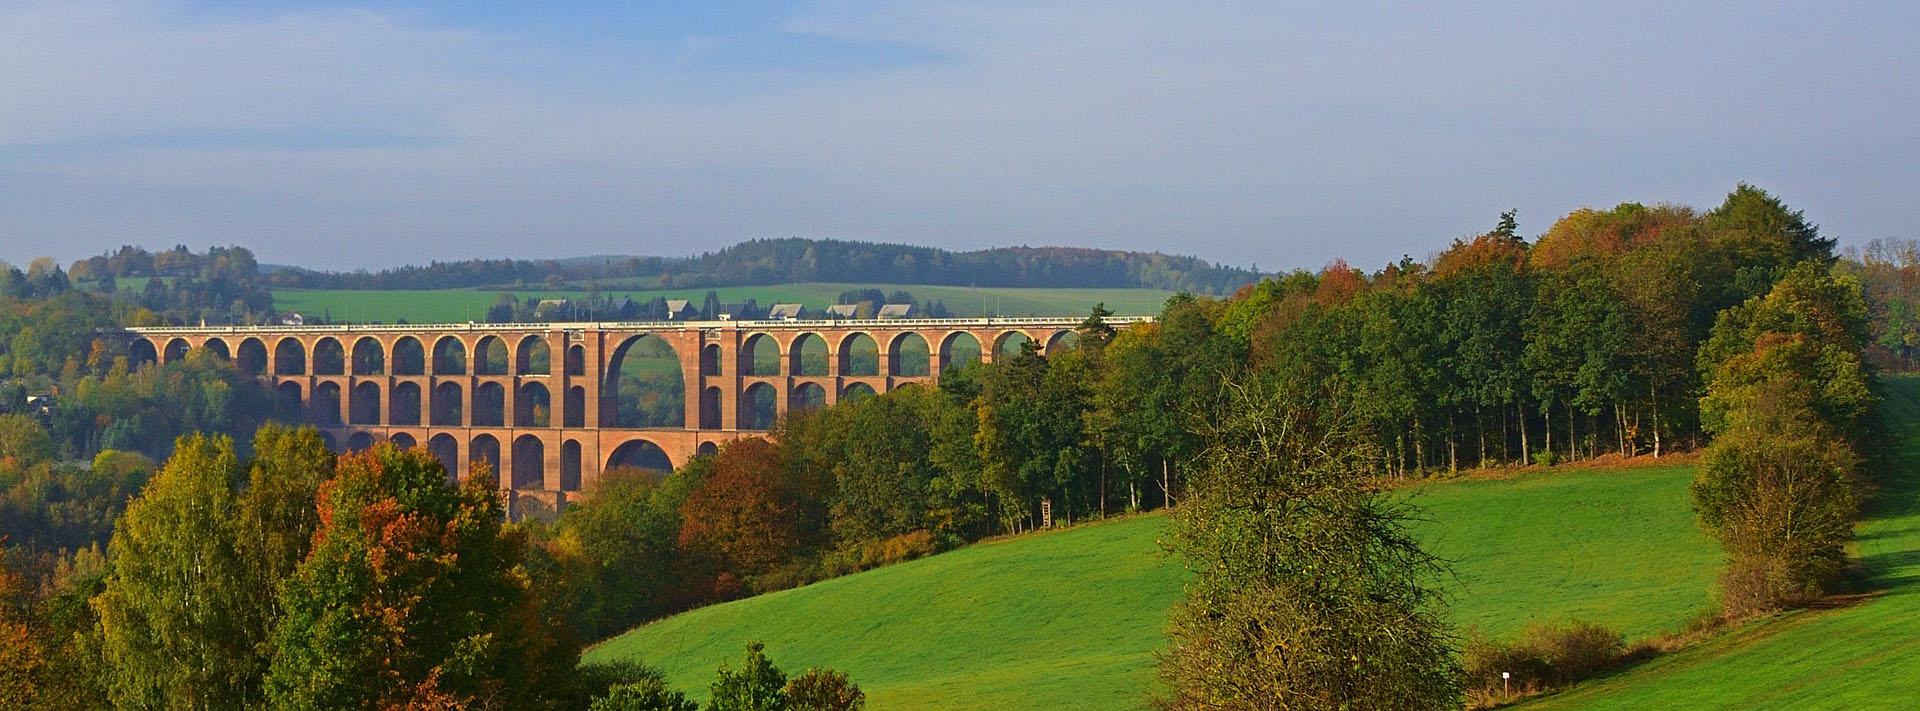 Brücke in Sachsen